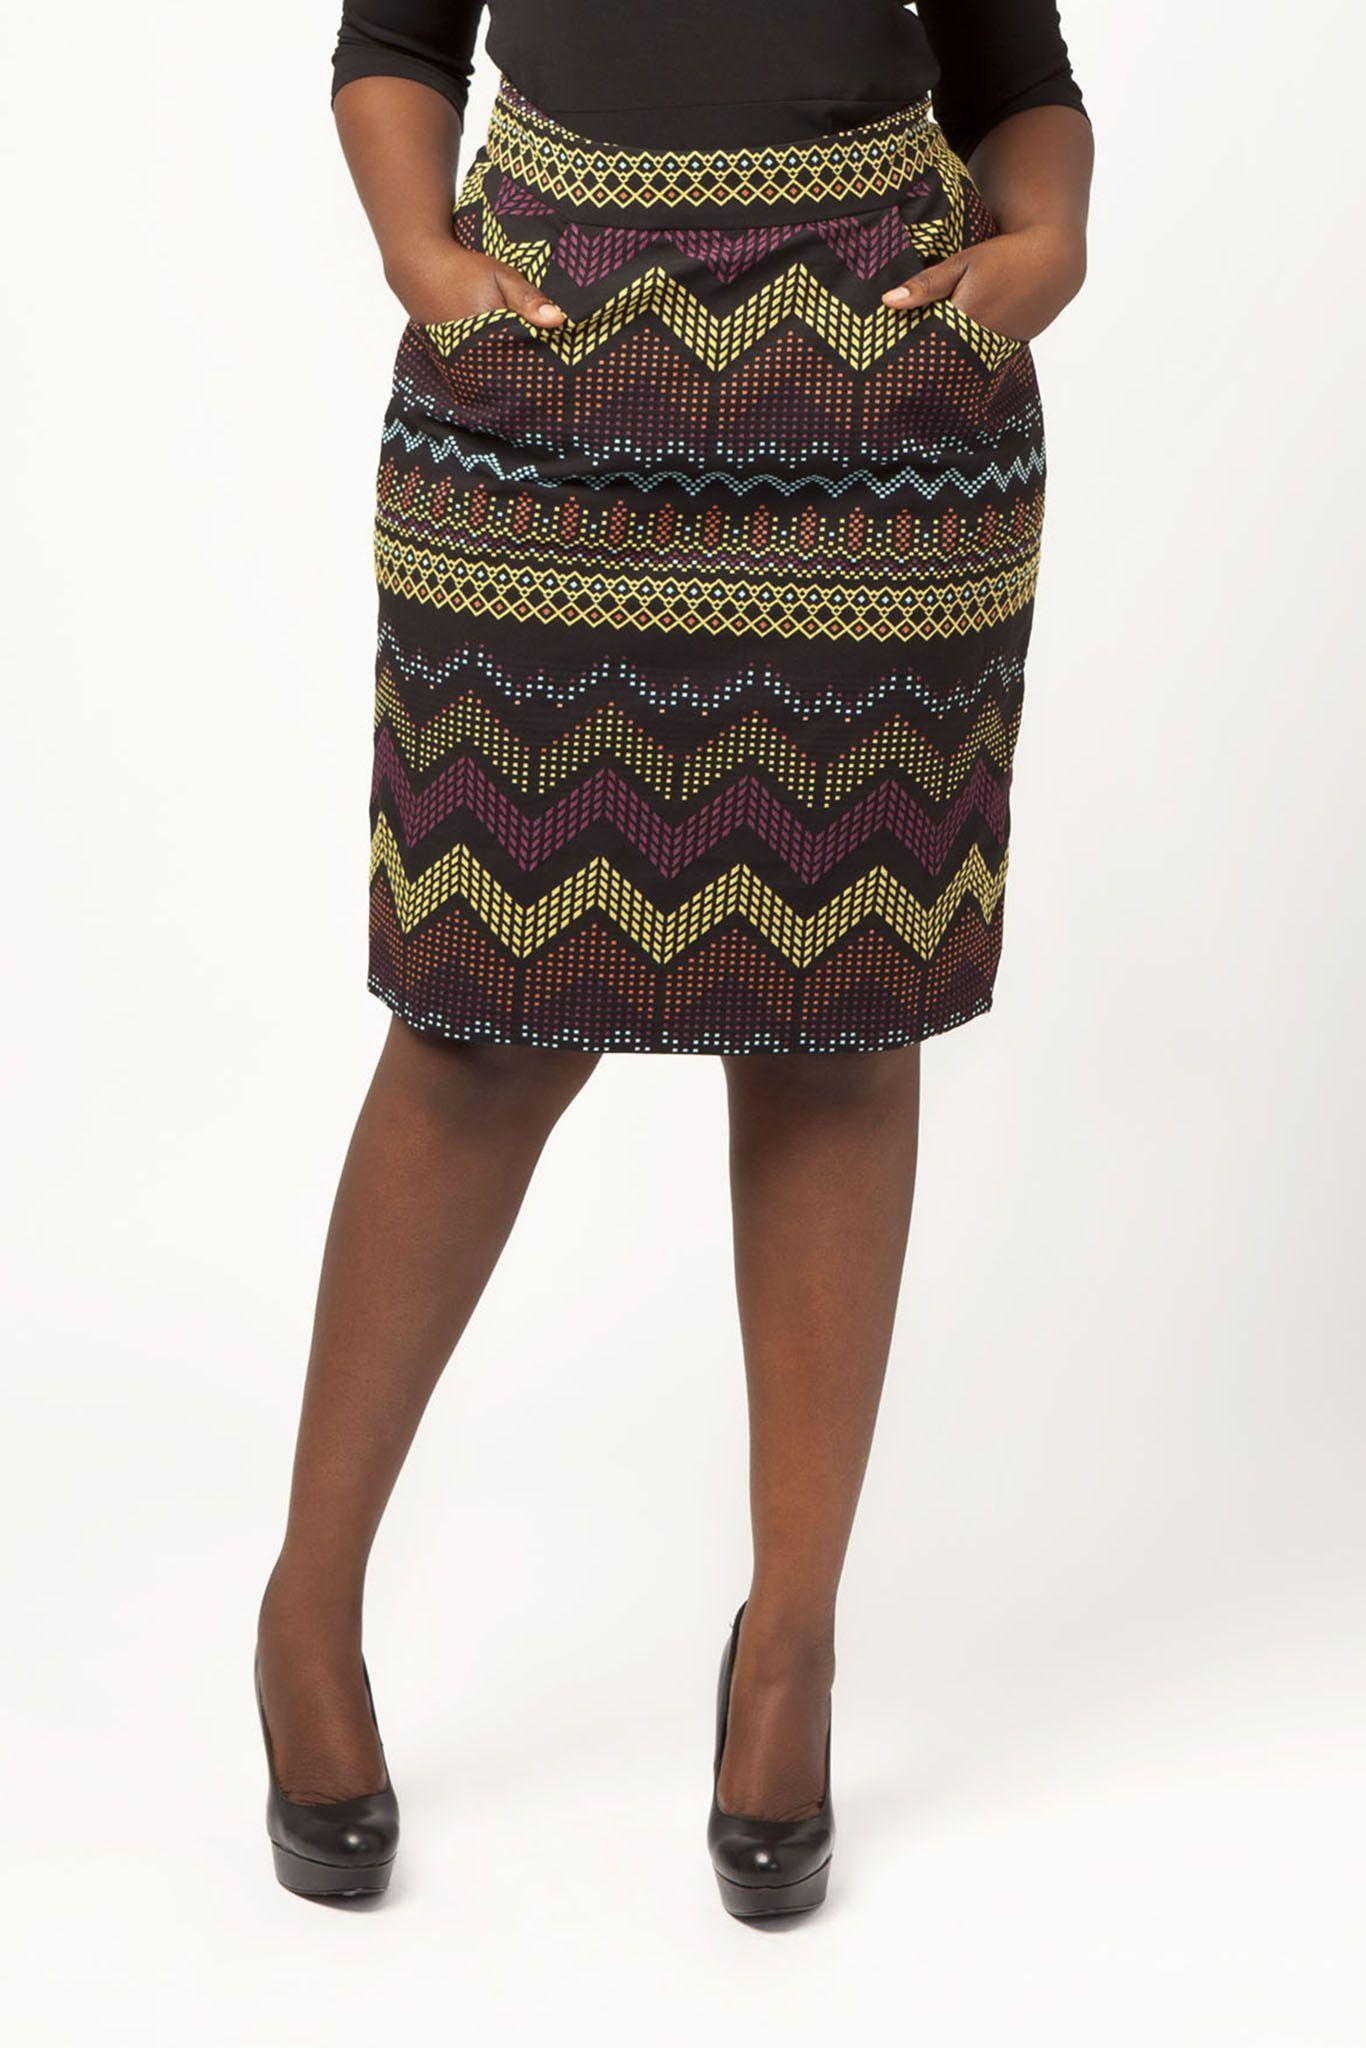 Flavia Atari Skirt